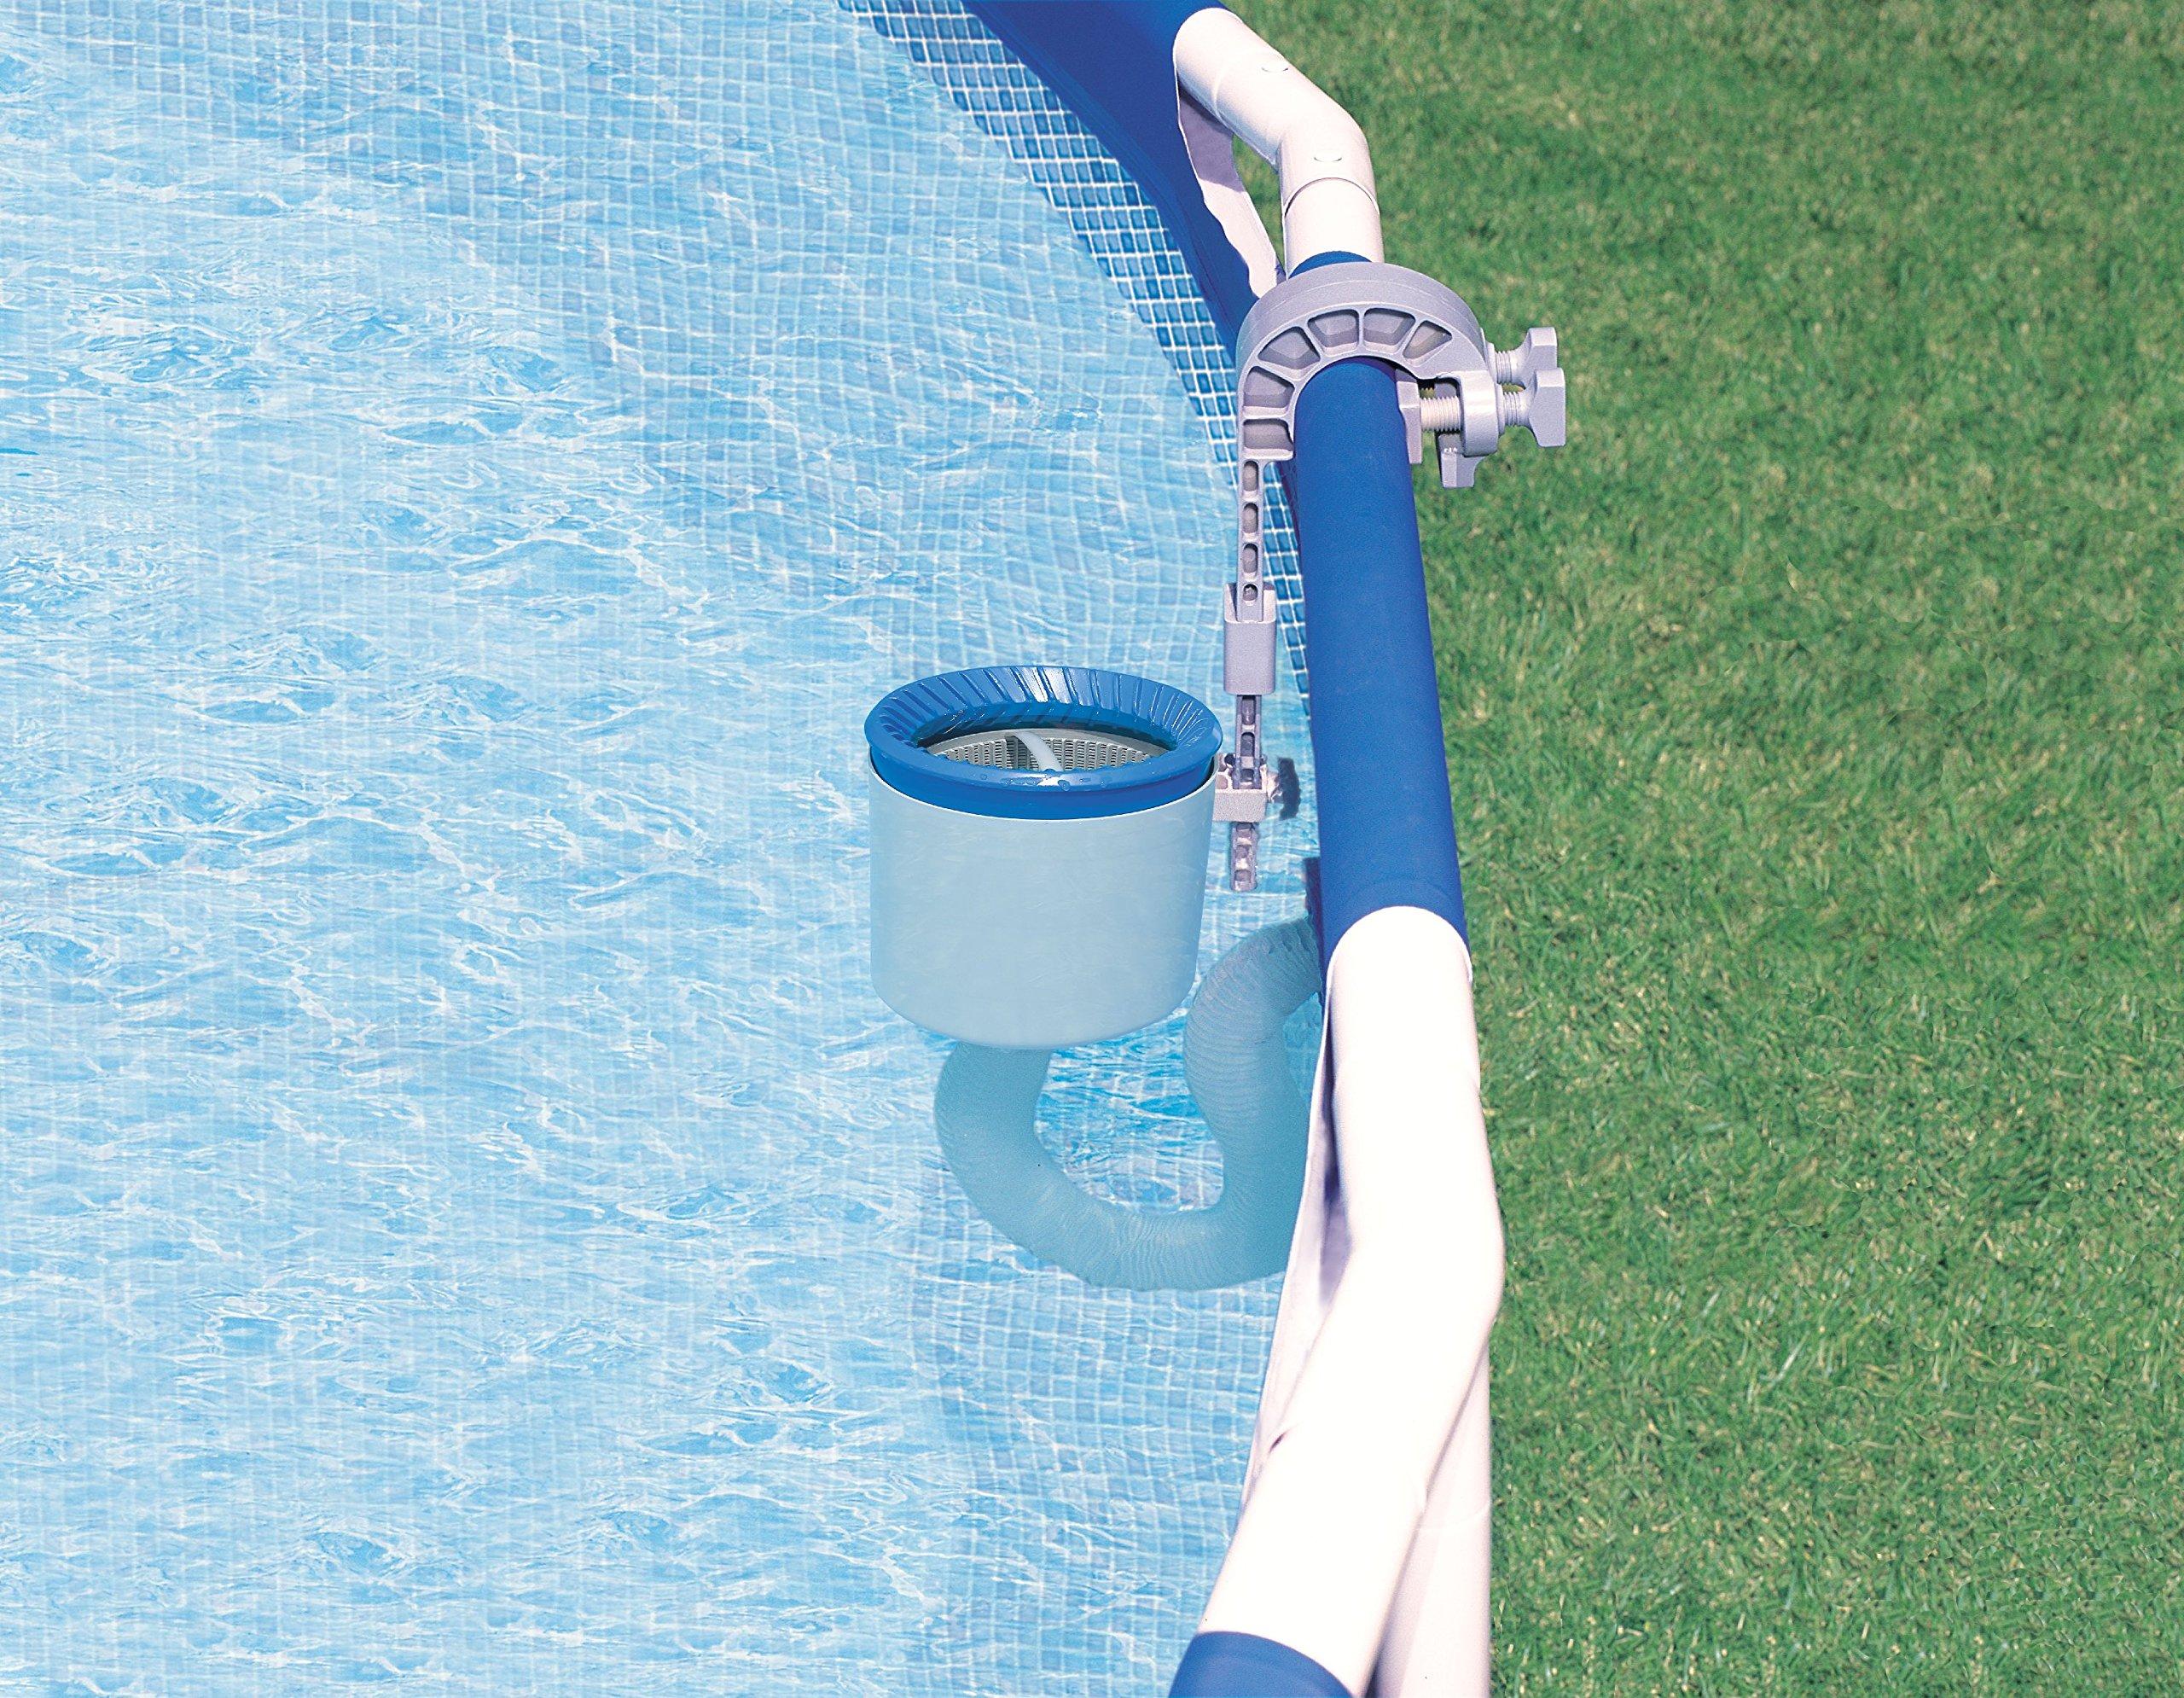 Зачем нужен скиммер для бассейна и какой лучше выбрать?